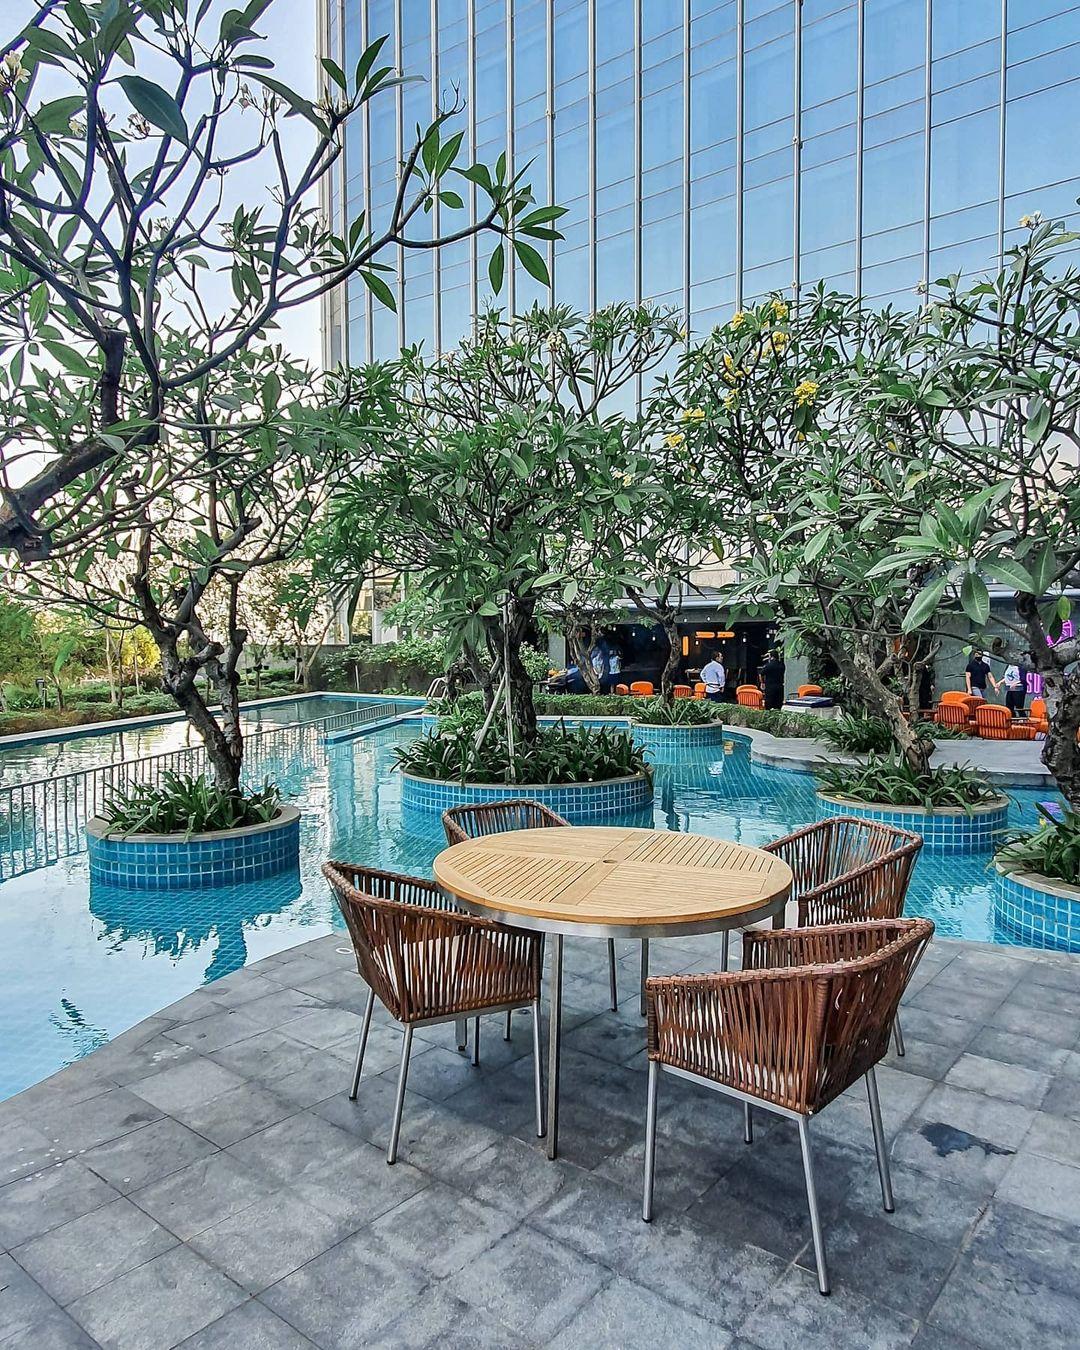 4 Rekomendasi Tempat Staycation di Jakarta yang Instagramable